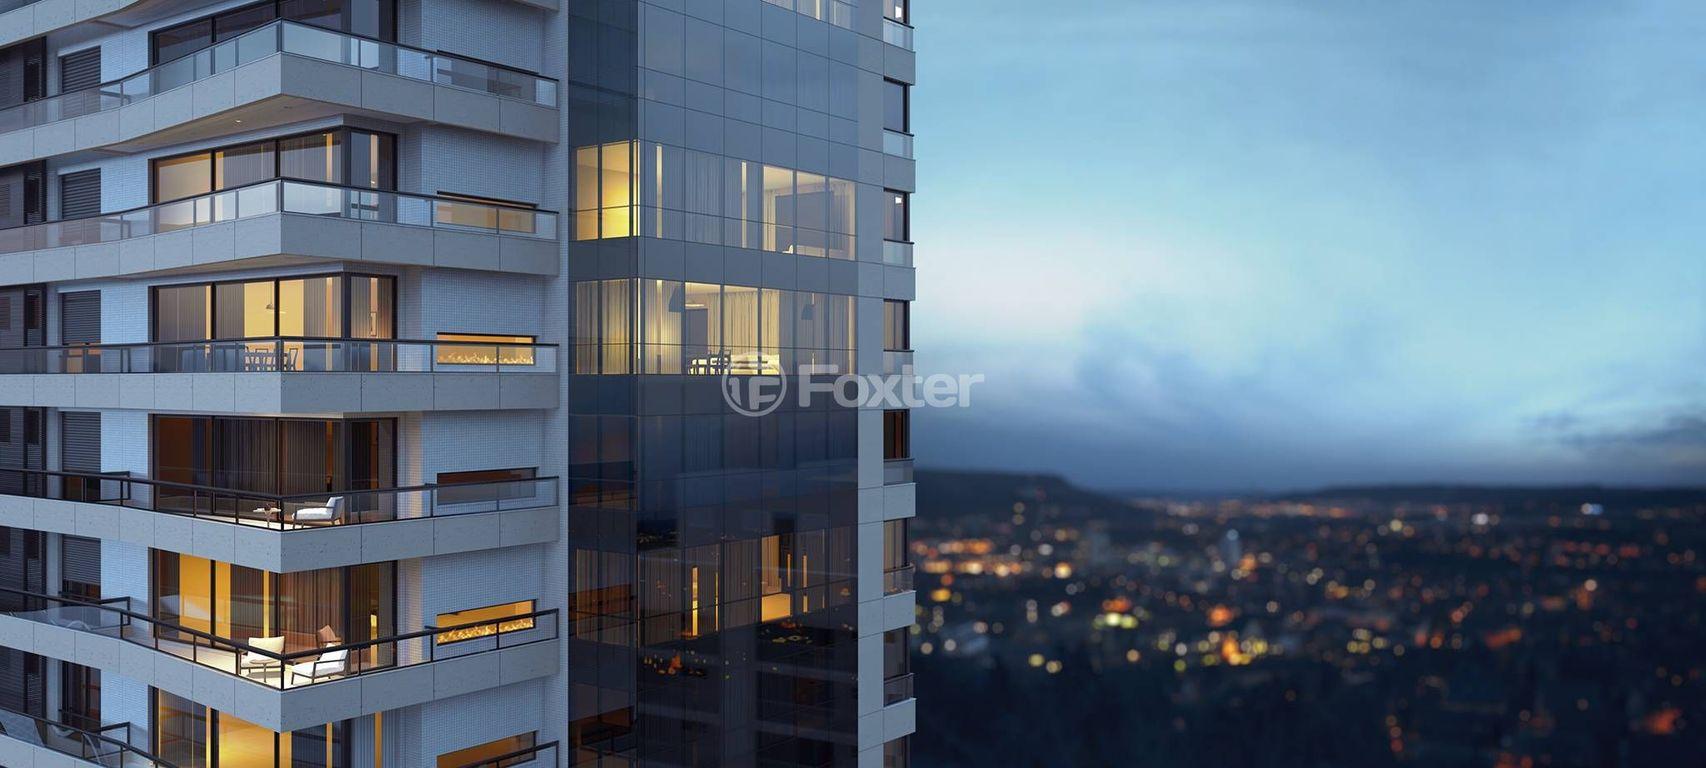 Foxter Imobiliária - Apto 5 Dorm, Petrópolis - Foto 3